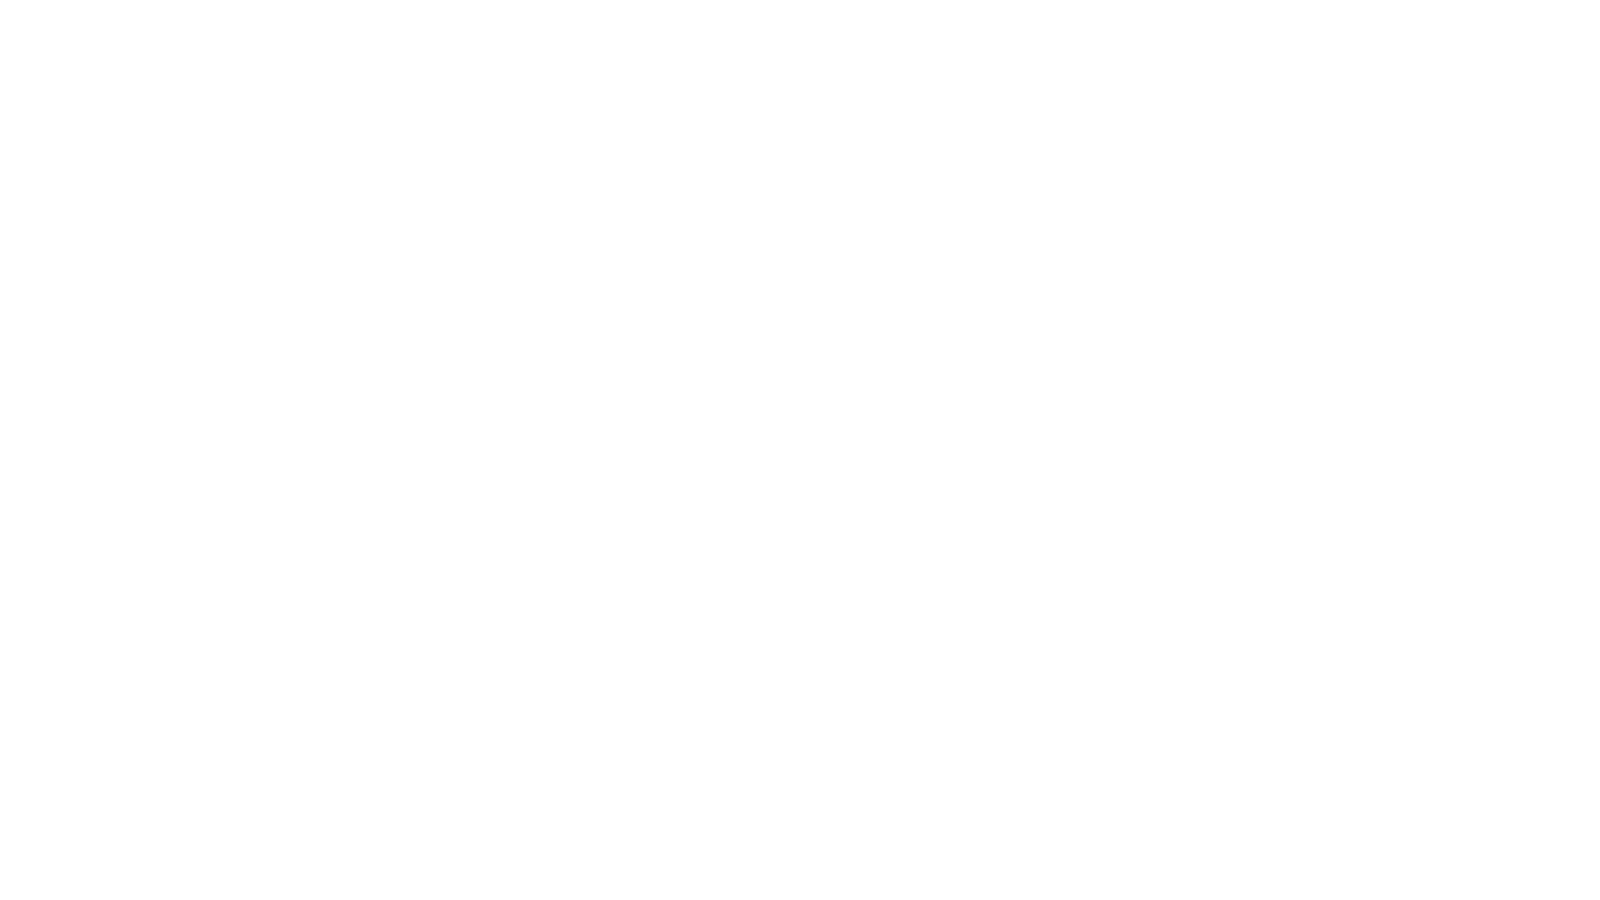 Viajamos dos Estados Unidos para o Brasil, cinco meses depois do início da pandemia e mostramos um pouco como está a situação de alguns dos principais aeroportos. A matéria completa você encontra no www.tipsforfun.com  💙  ✈️  🌎   🌅 💛  Se você gostou desse vídeo deixe seu like e seu comentário que são muito importantes para nós.  Não esqueça de se INSCREVER no canal e ativar as notificações ❤️  Você também pode nos acompanhar nas nossas redes sociais: ⛵  Instagram: https://www.instagram.com/tipsforfunofficial 🎈  Facebook: https://www.facebook.com/tipsforfunofficial 🌎  www.tipsforfun.com   💌  E-mail para contato e parcerias: kathlenn@gmail.com   Bjão